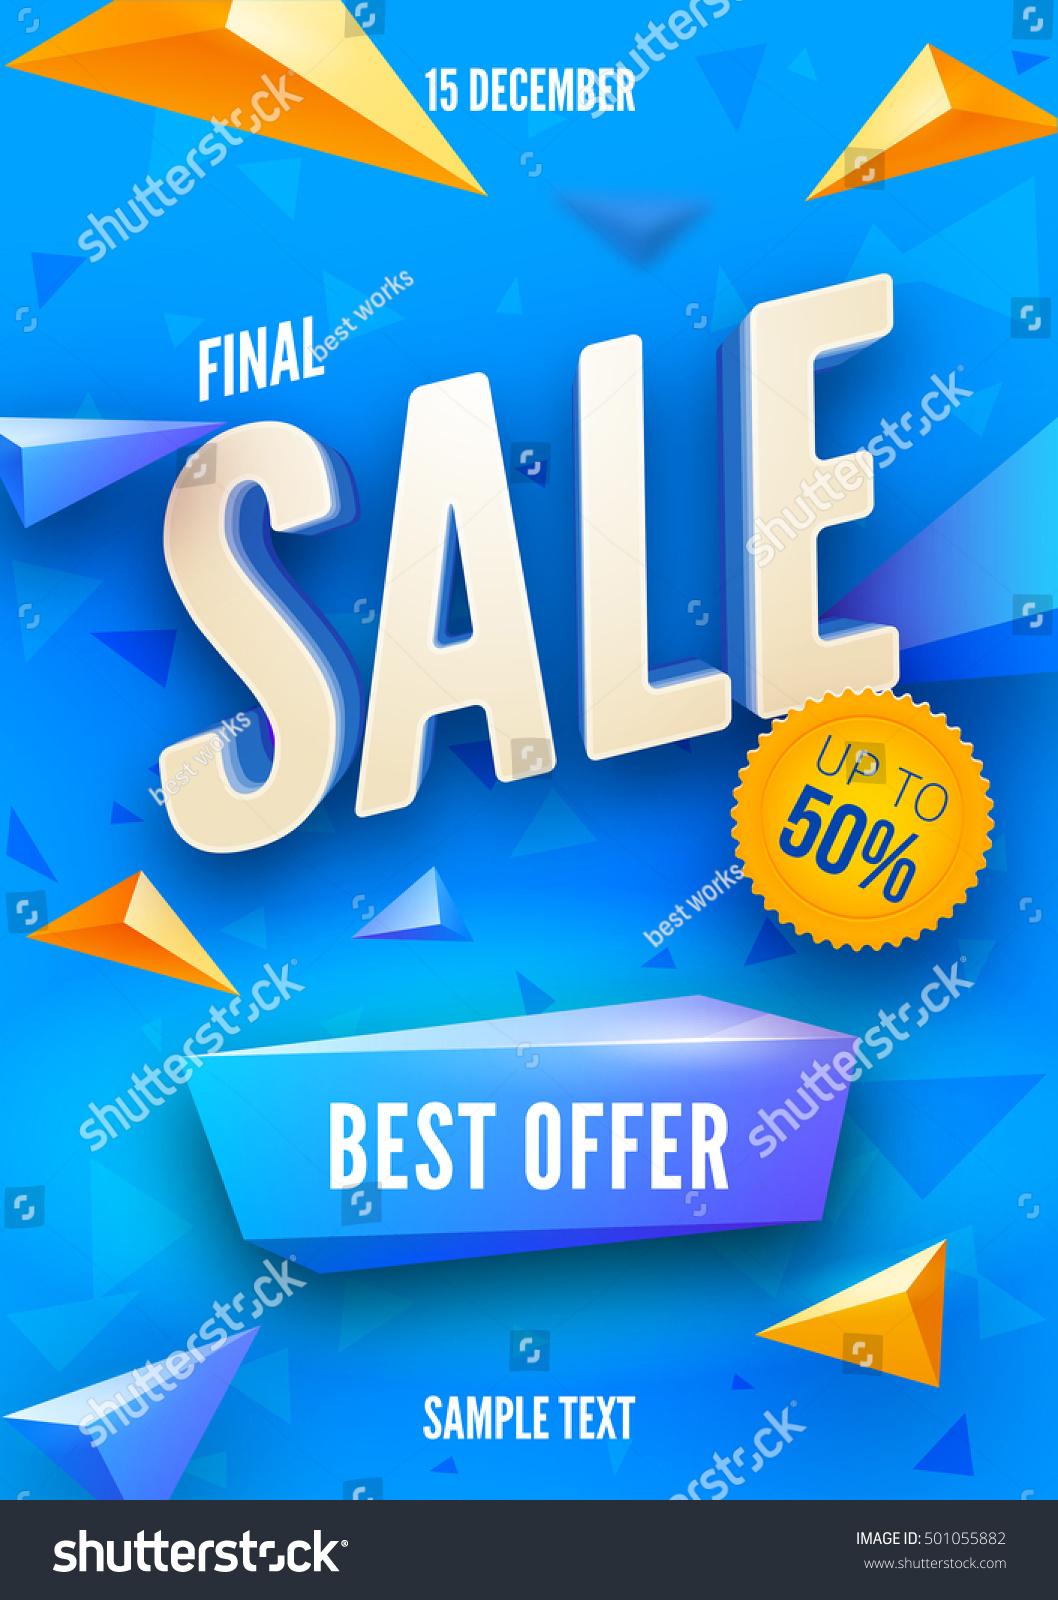 Poster design 3d - Final Sale Poster Or Flyer Design 3d Word Sale On Colorful Background Vector Illustration